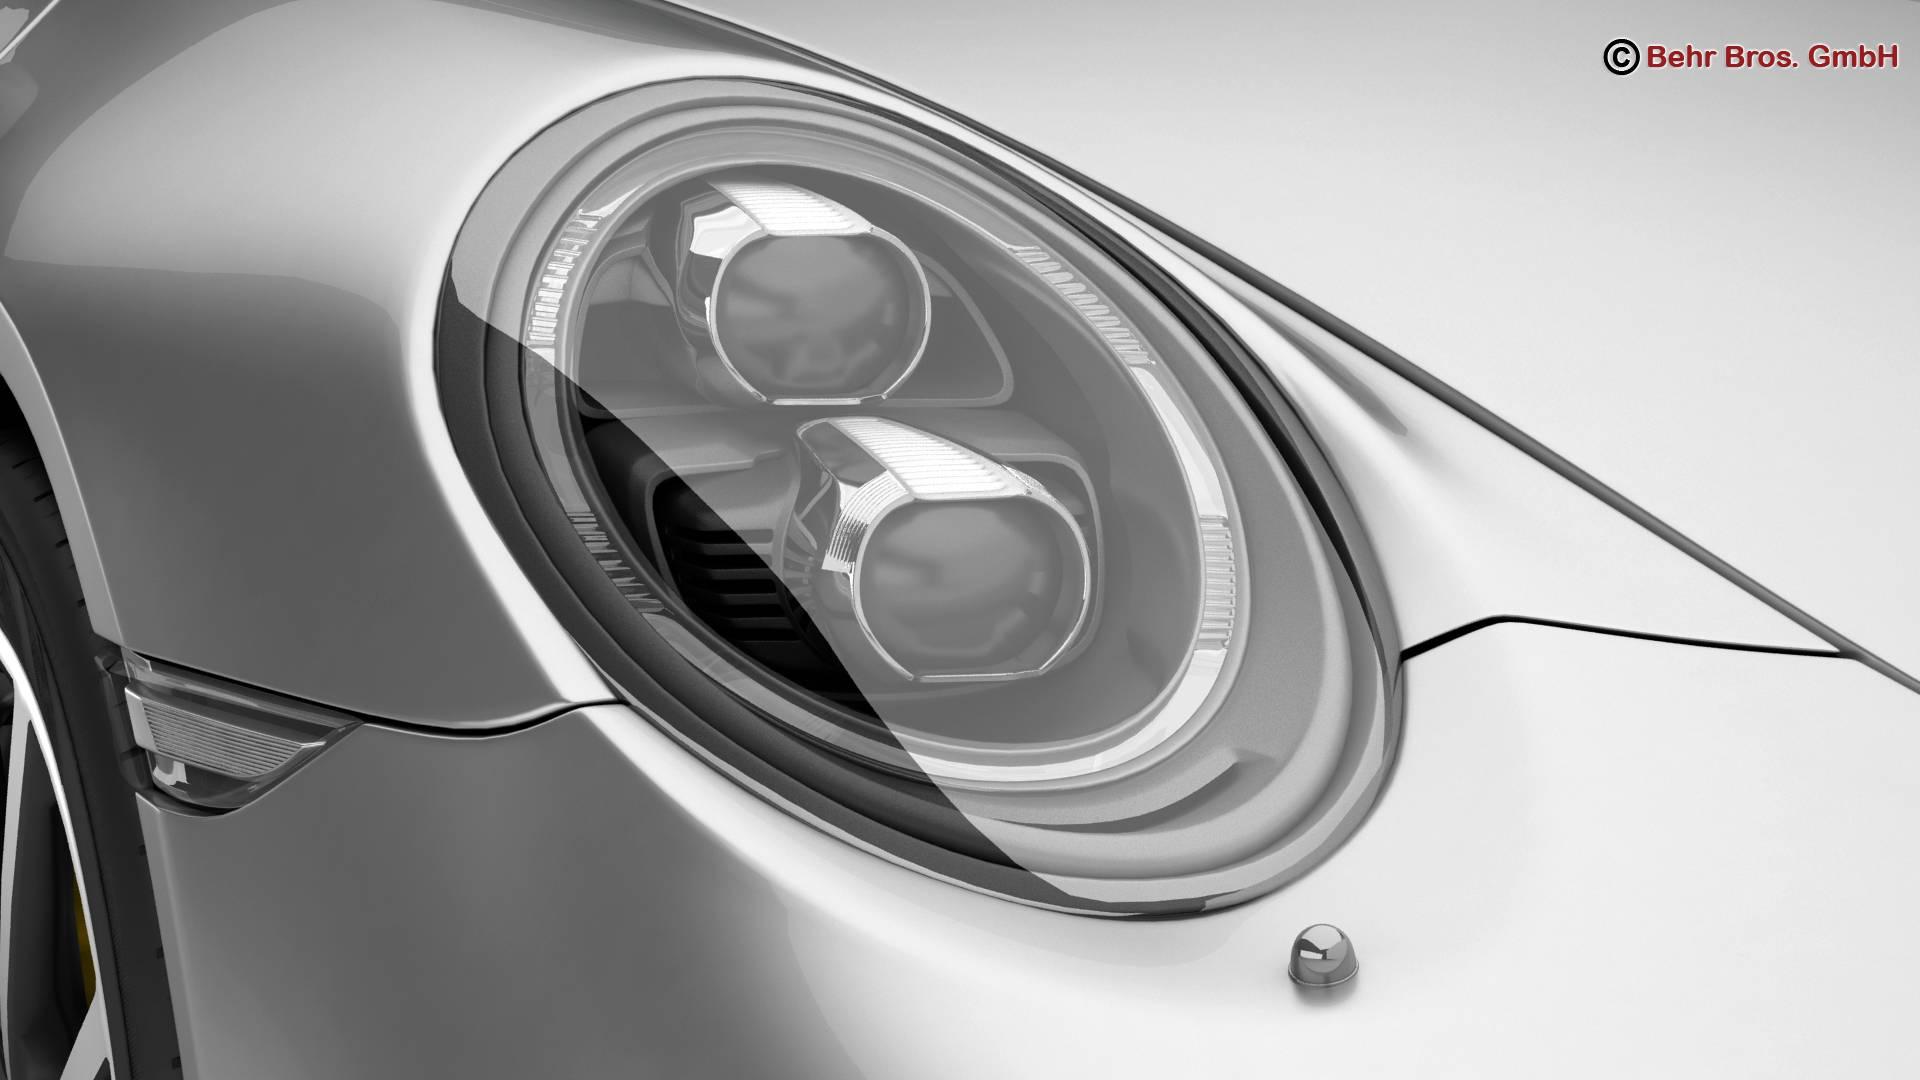 porsche 911 carrera cabriolet 2017 3d líkan 3ds max fbx c4d lwo ma mb obj 220798